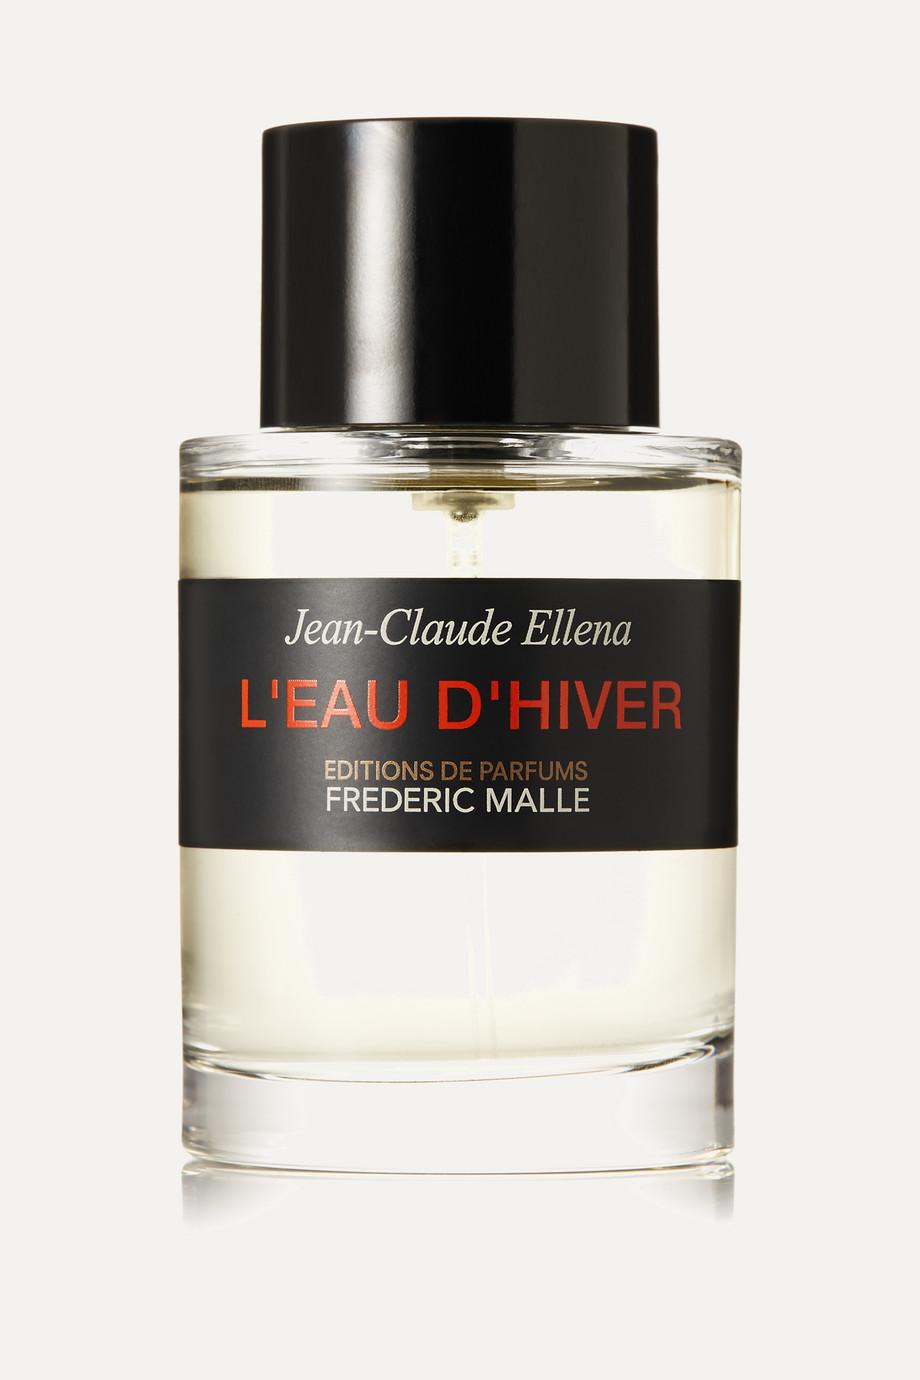 Frederic Malle L'eau d'Hiver Eau de Toilette - White Heliotrope & Iris, 100ml